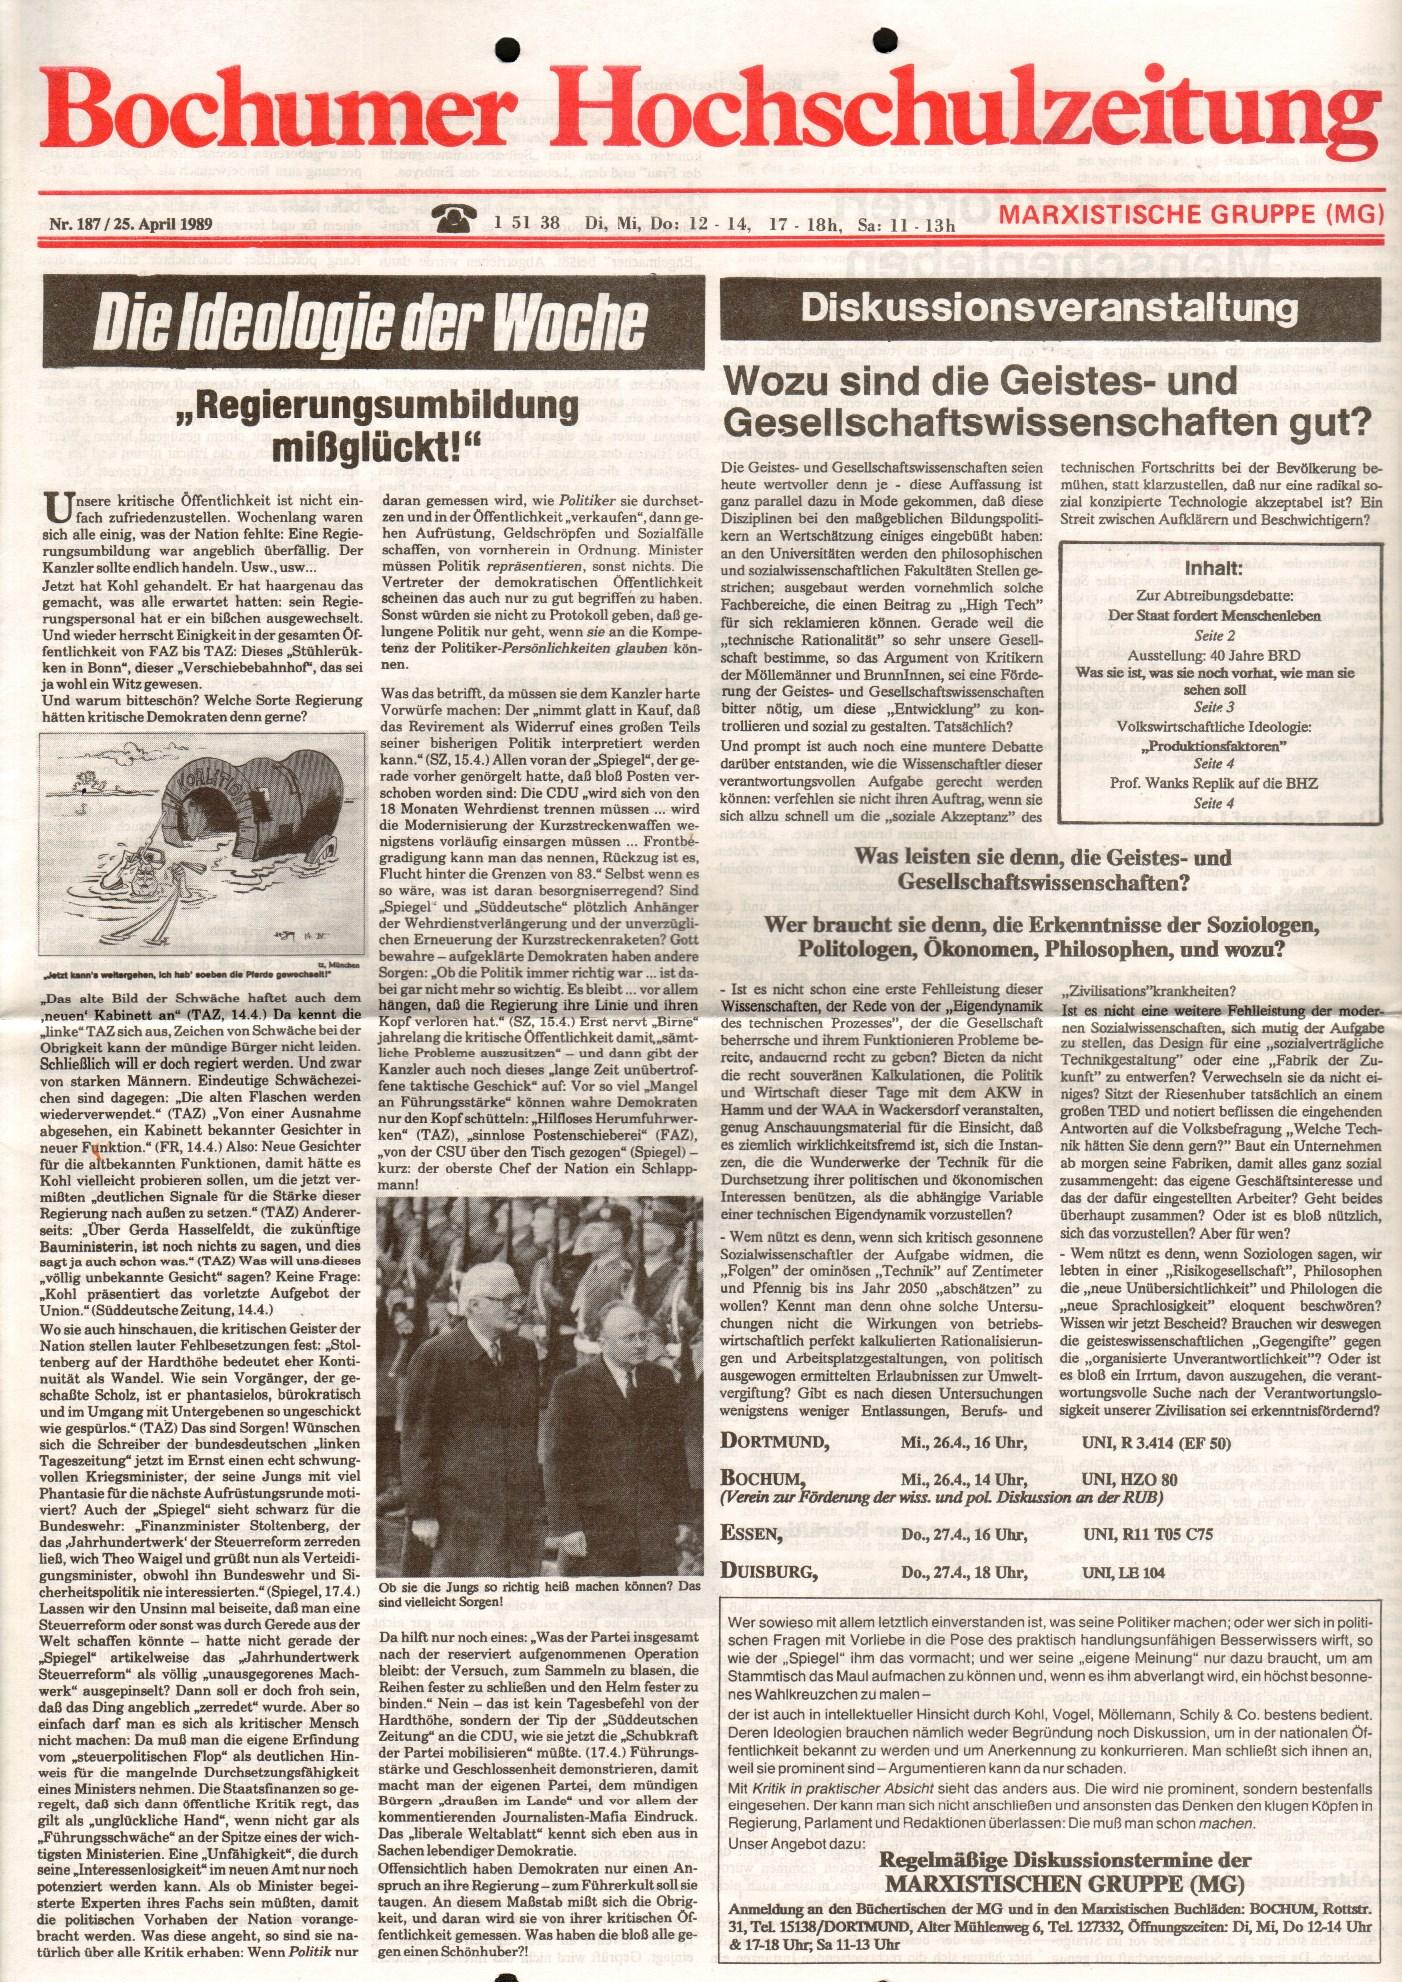 MG_Bochumer_Hochschulzeitung_19890425_01